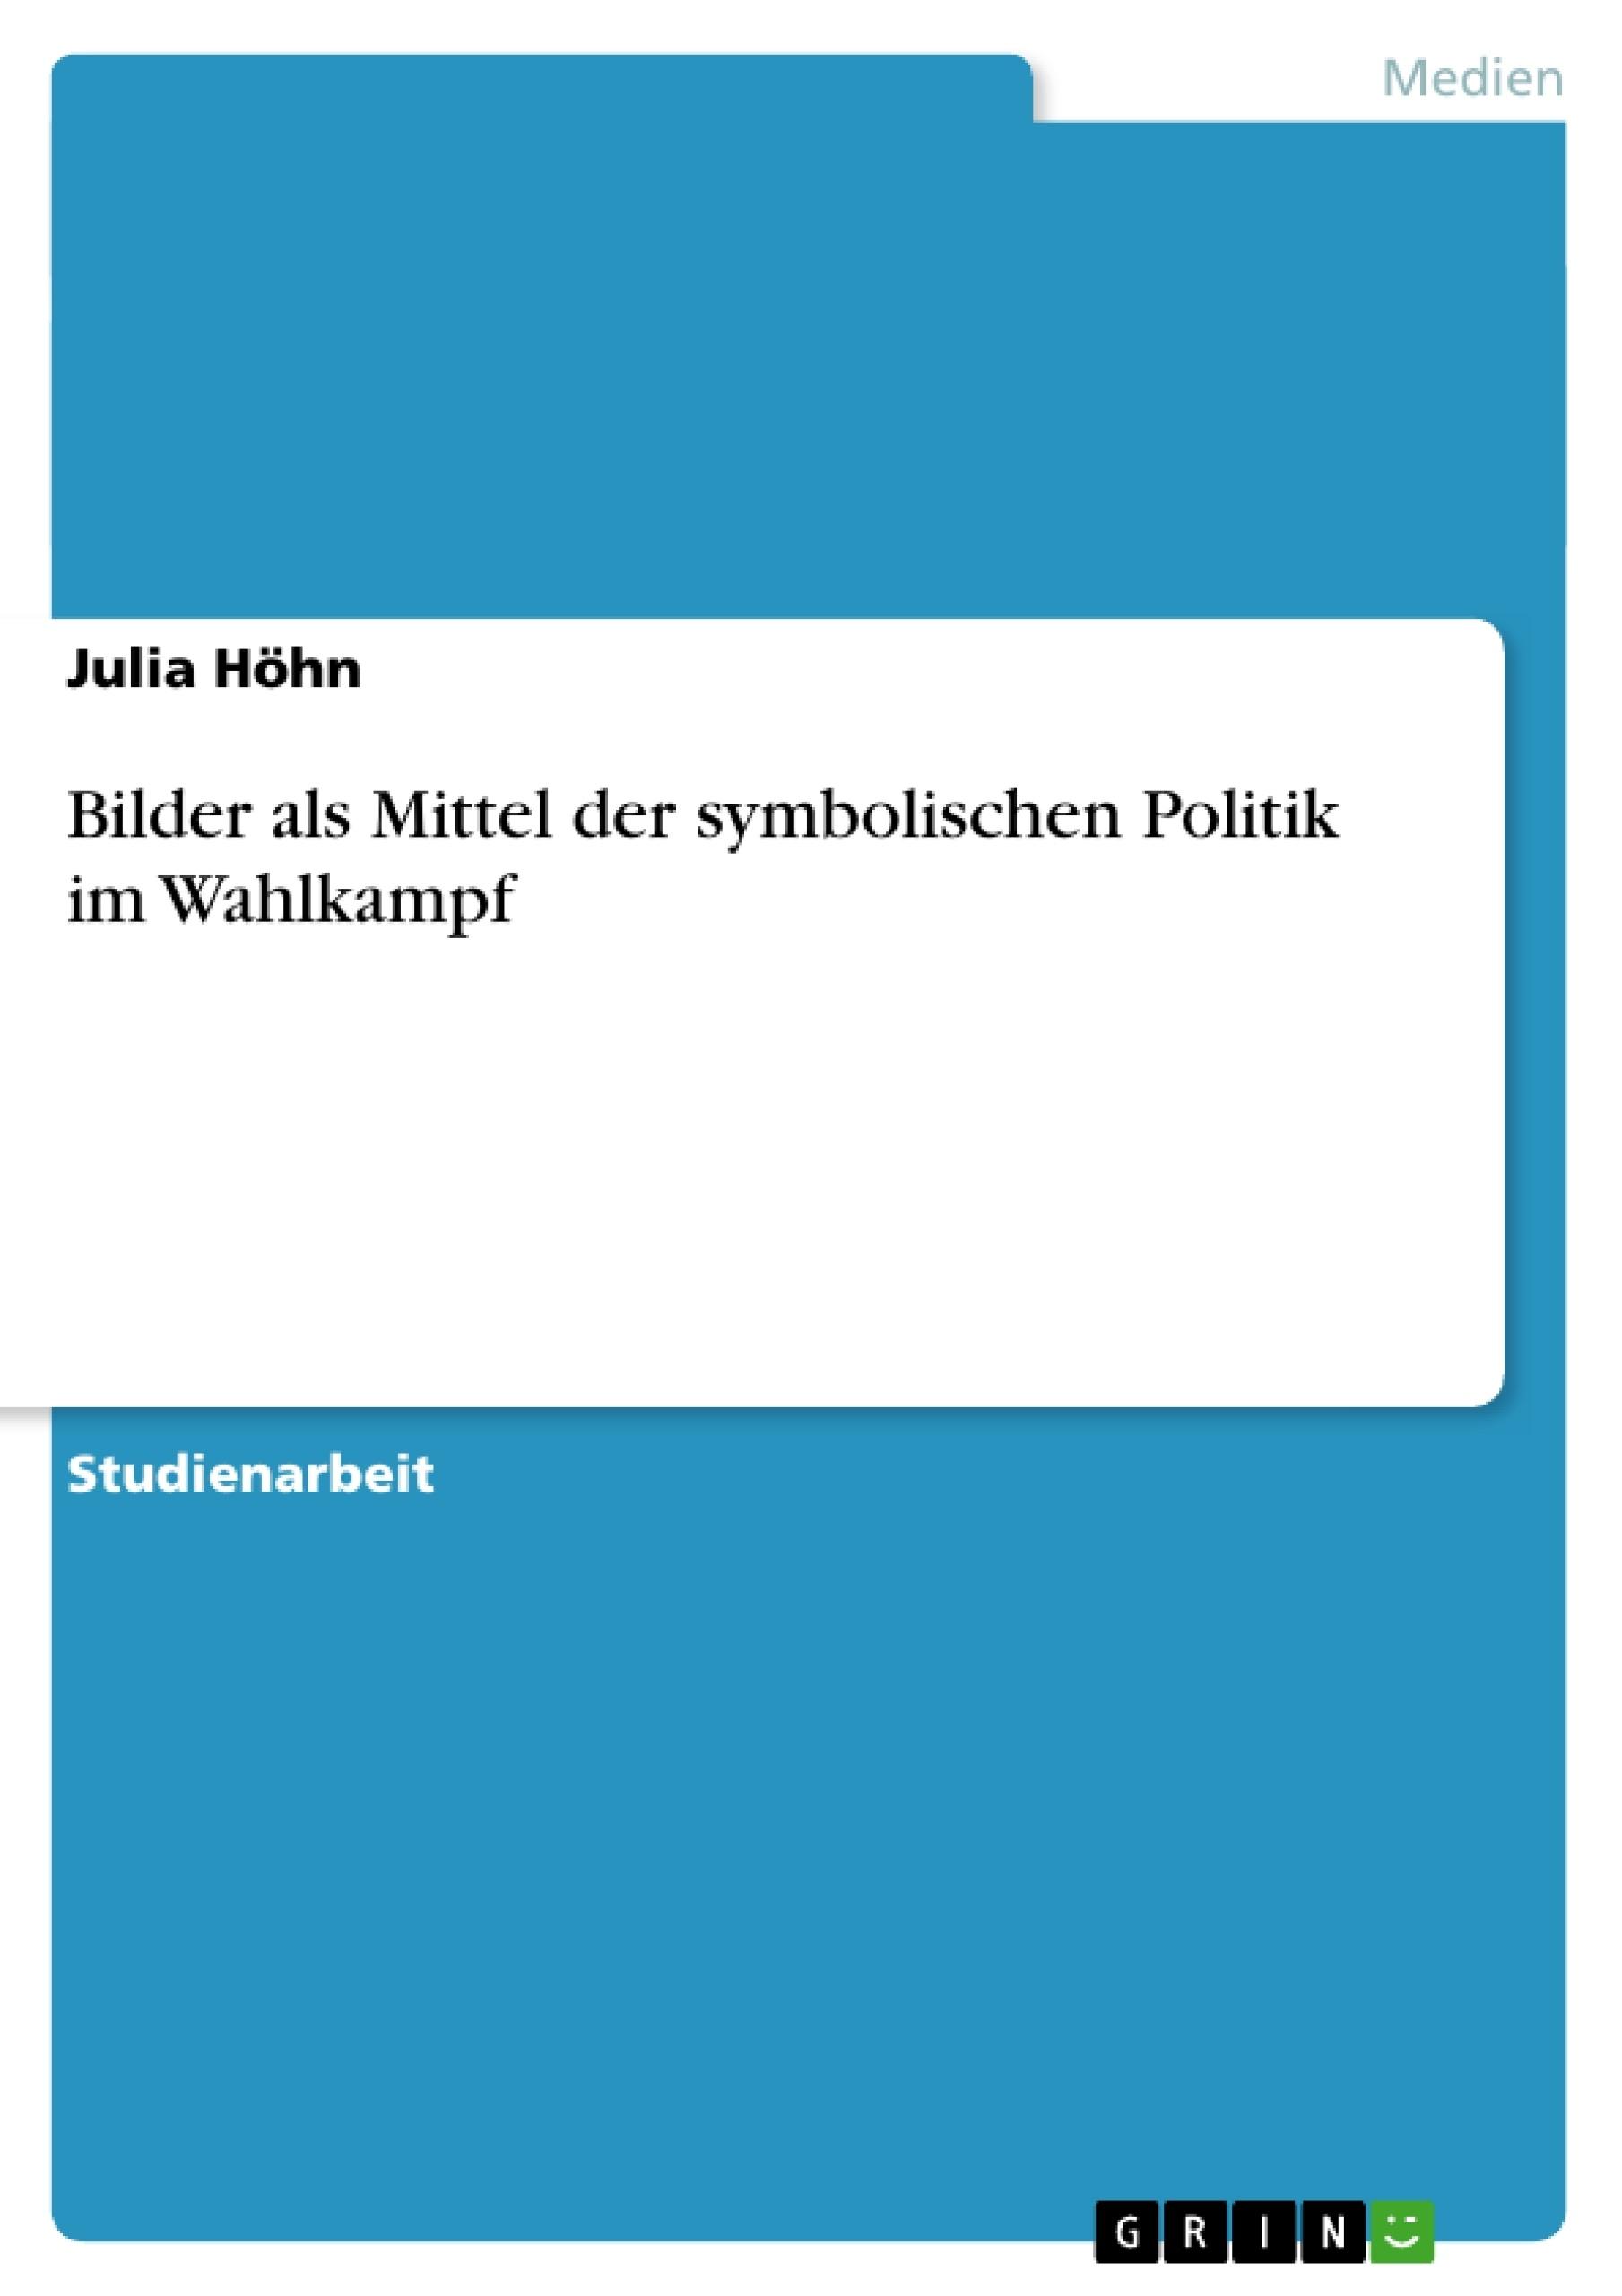 Titel: Bilder als Mittel der symbolischen Politik im Wahlkampf